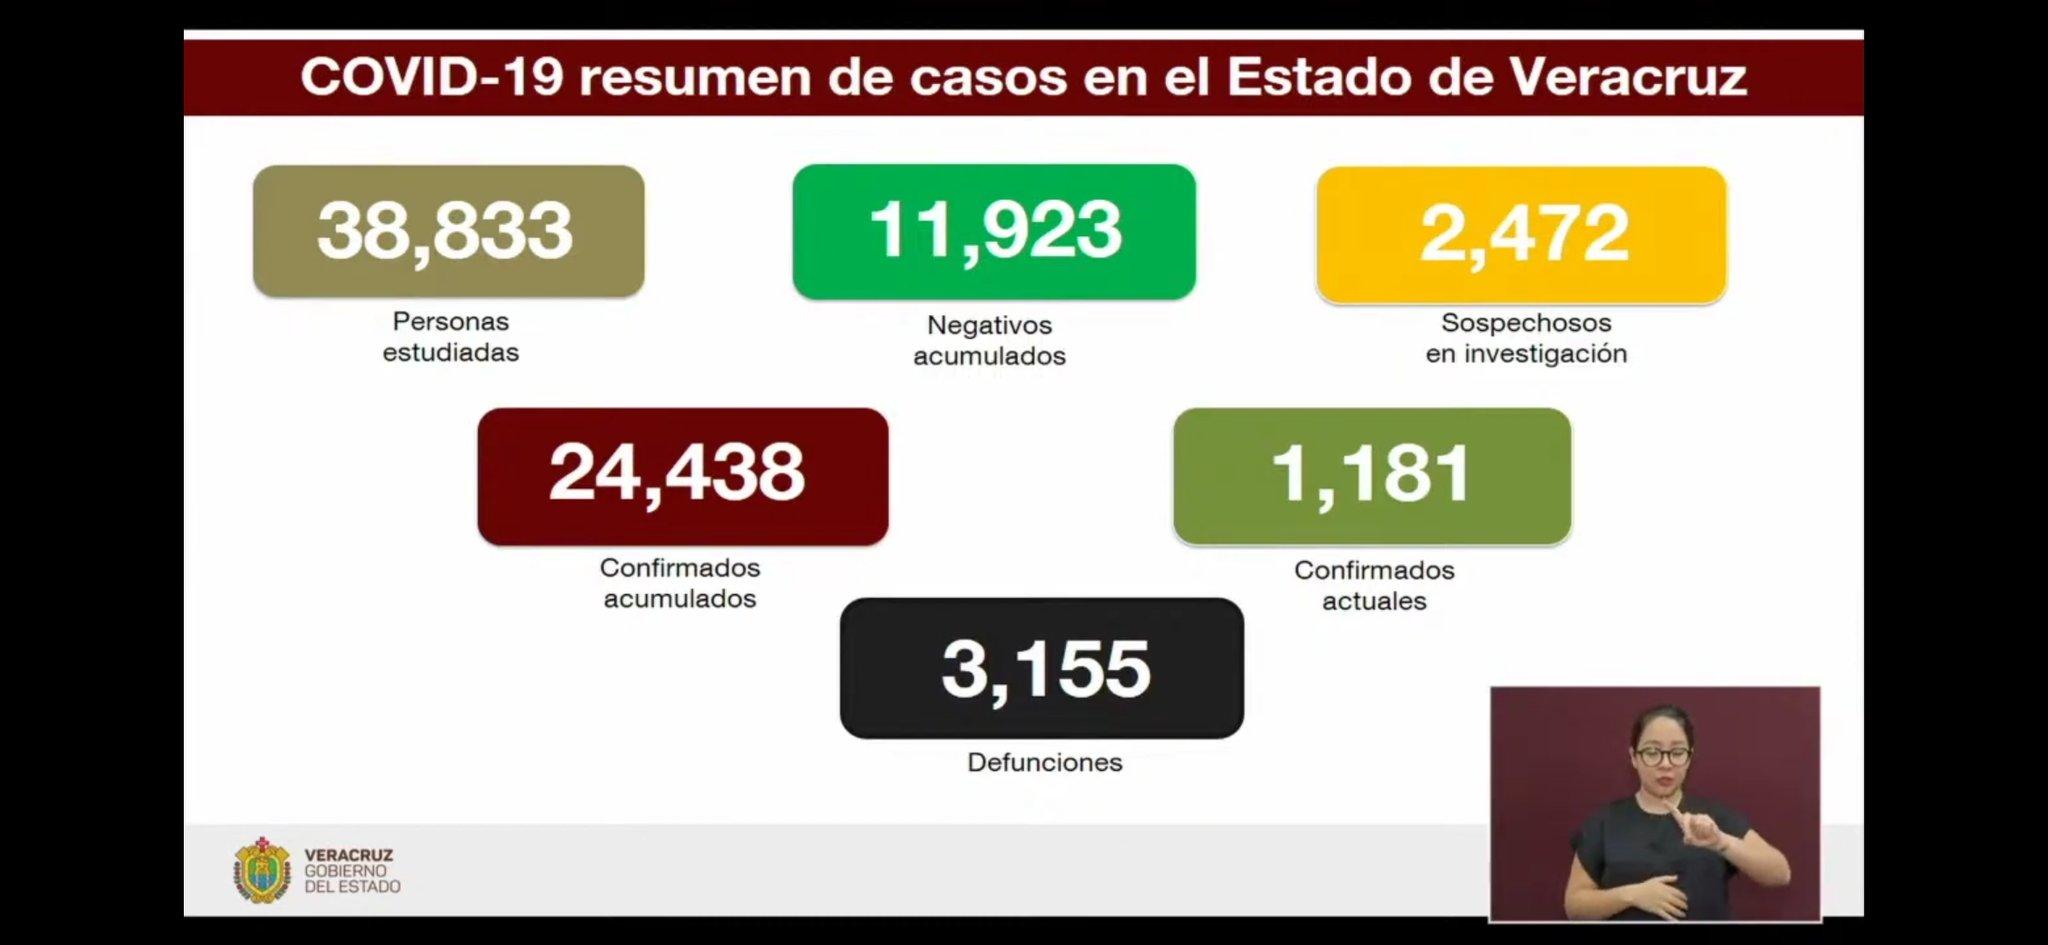 Bajan contagios de COVID-19 en Veracruz y pacientes se recuperan desde casa ante el coronavirus